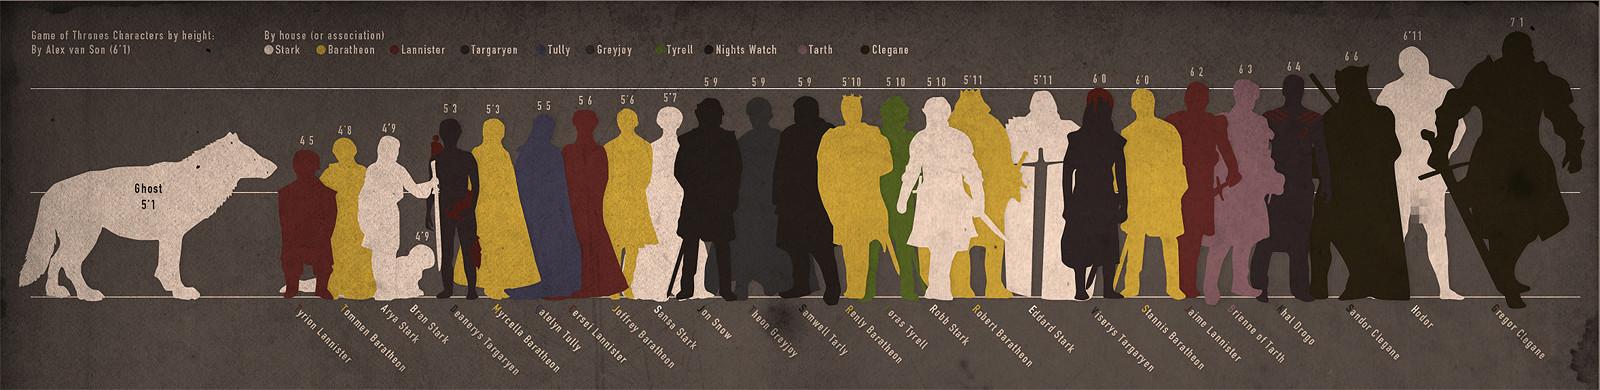 tamaño-de-los-personajes